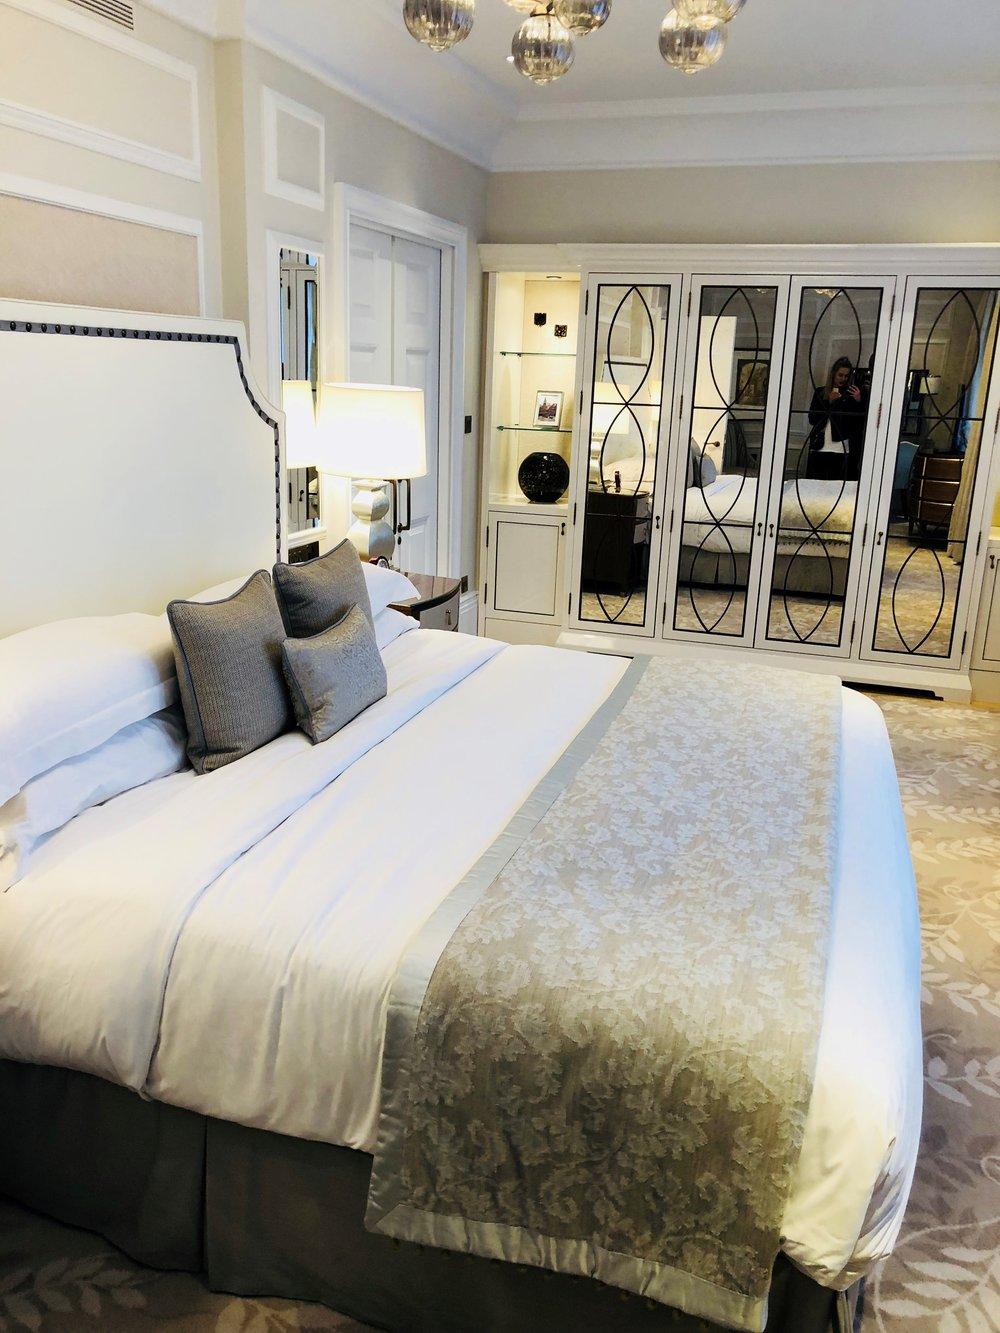 Langham_Hotel_Room.jpg